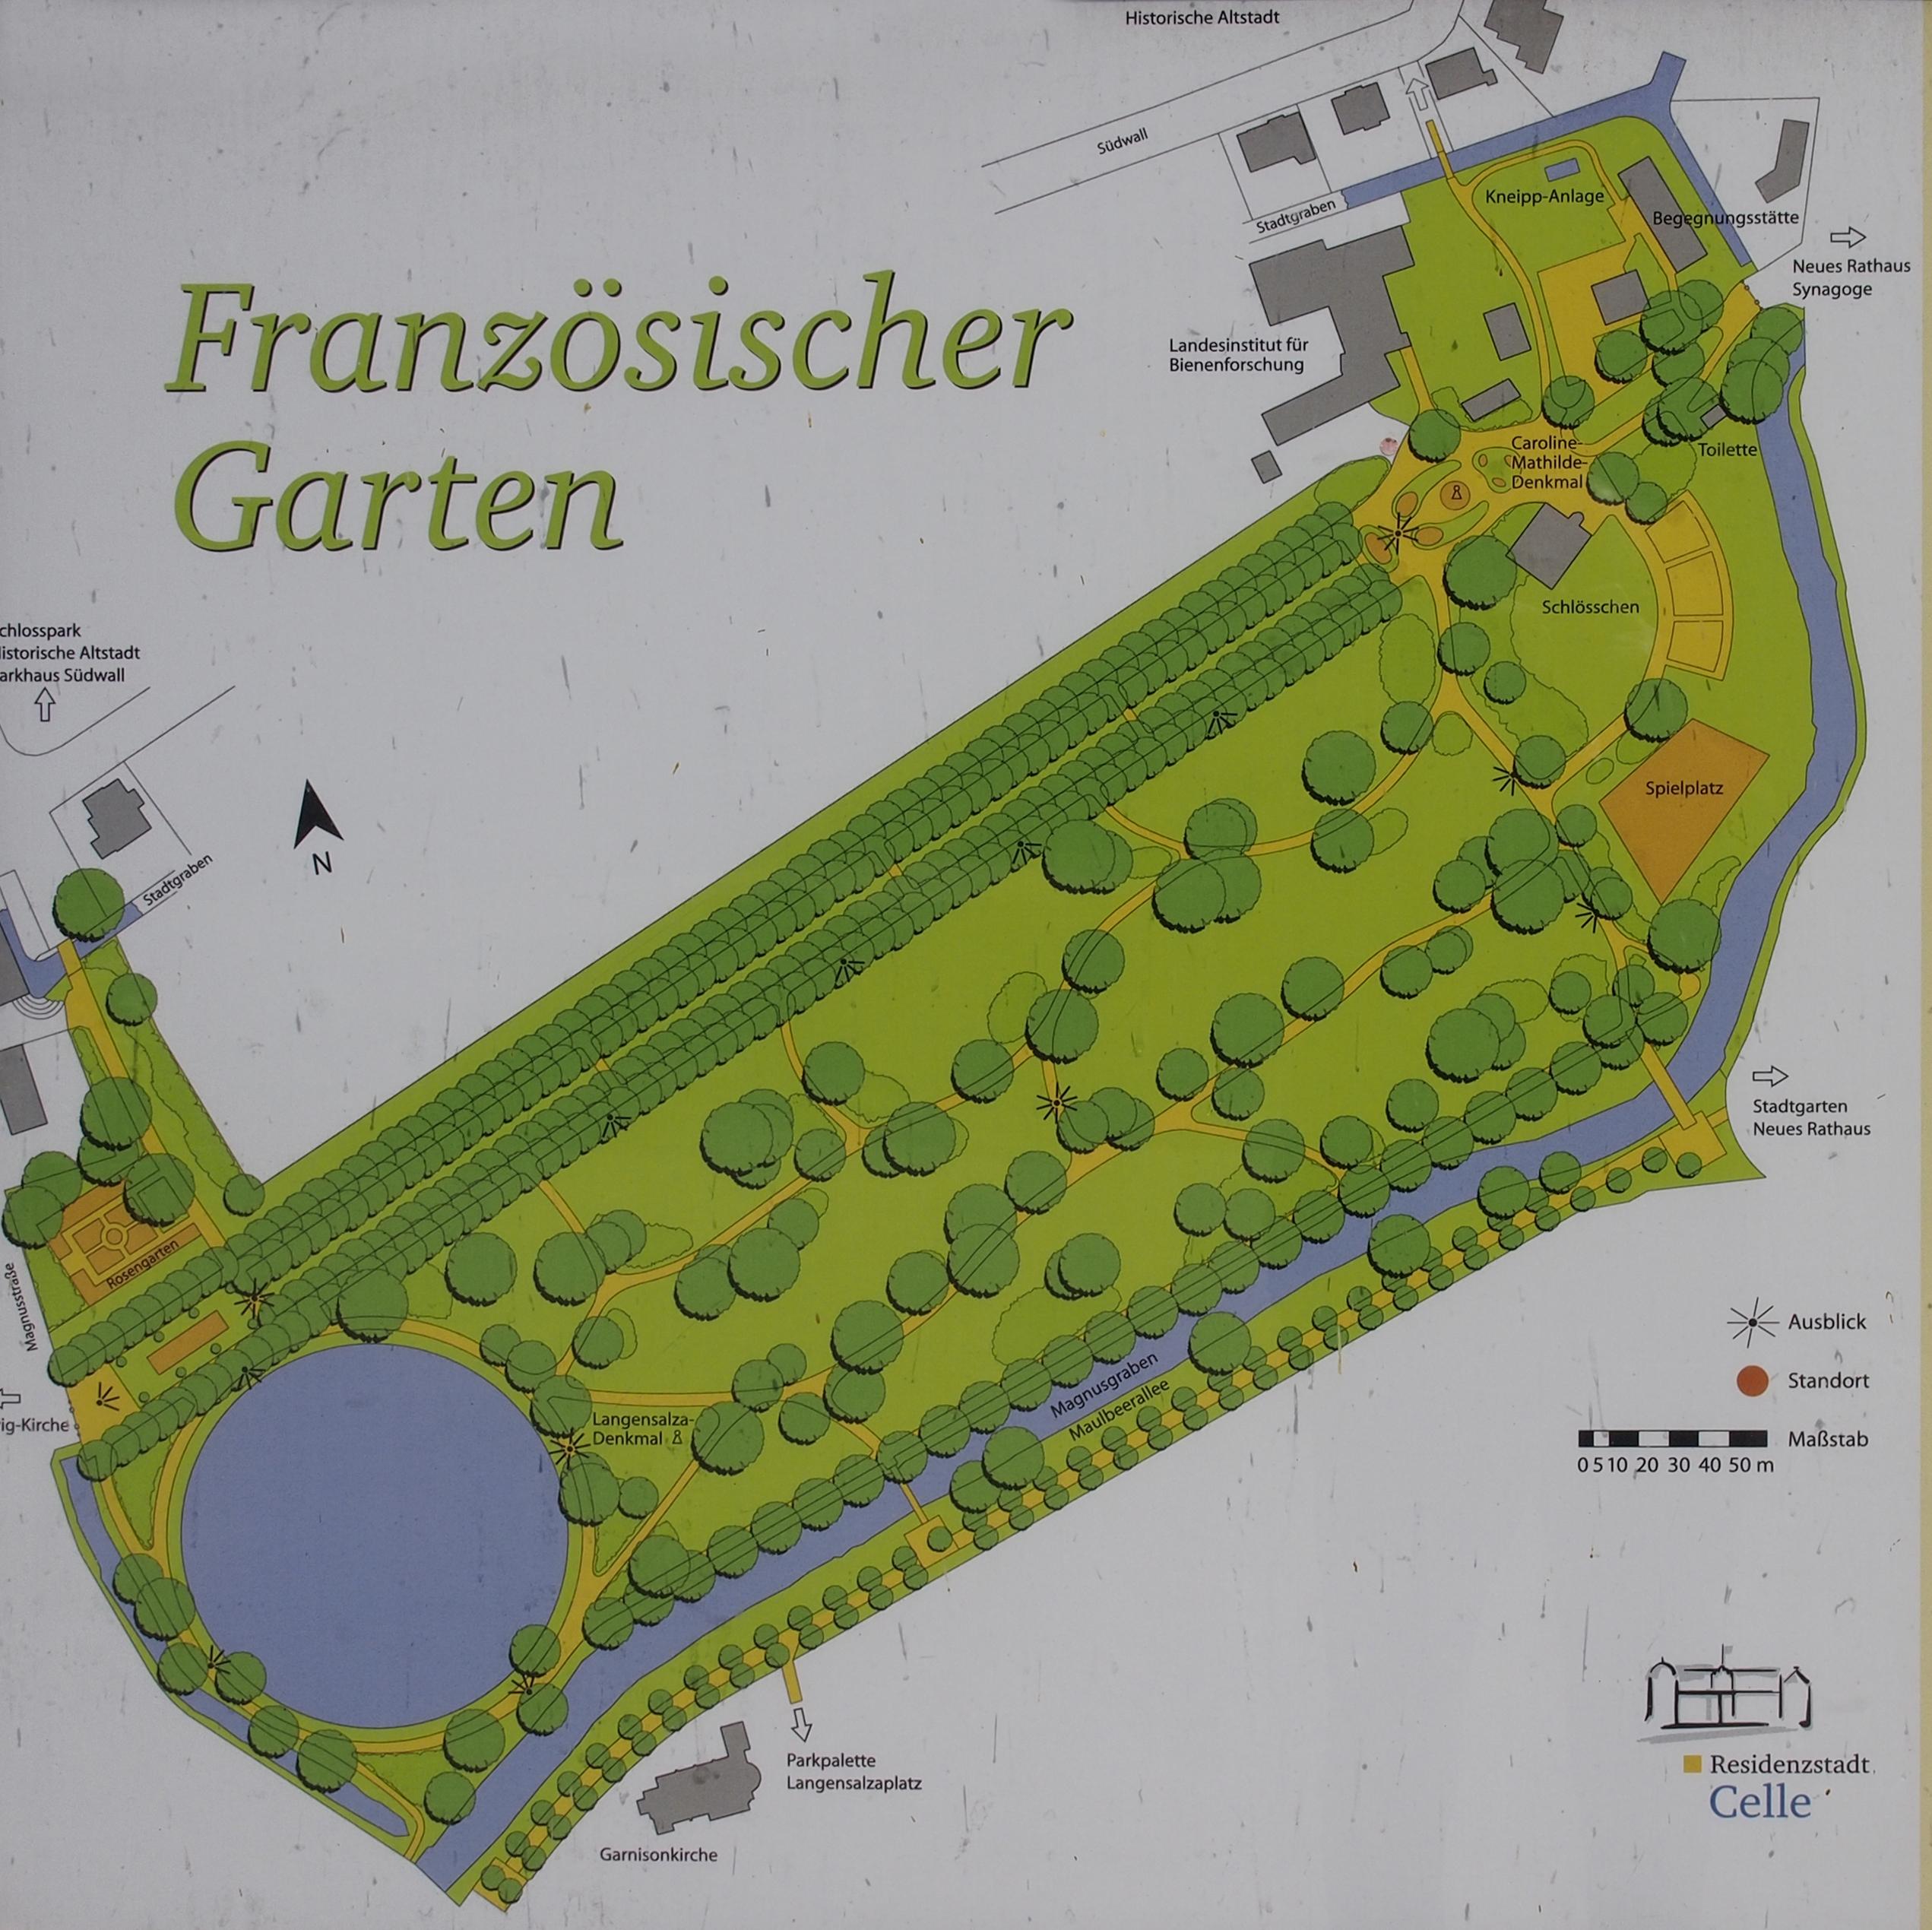 Gartenplan  File:Französischer Garten Plan.jpg - Wikimedia Commons